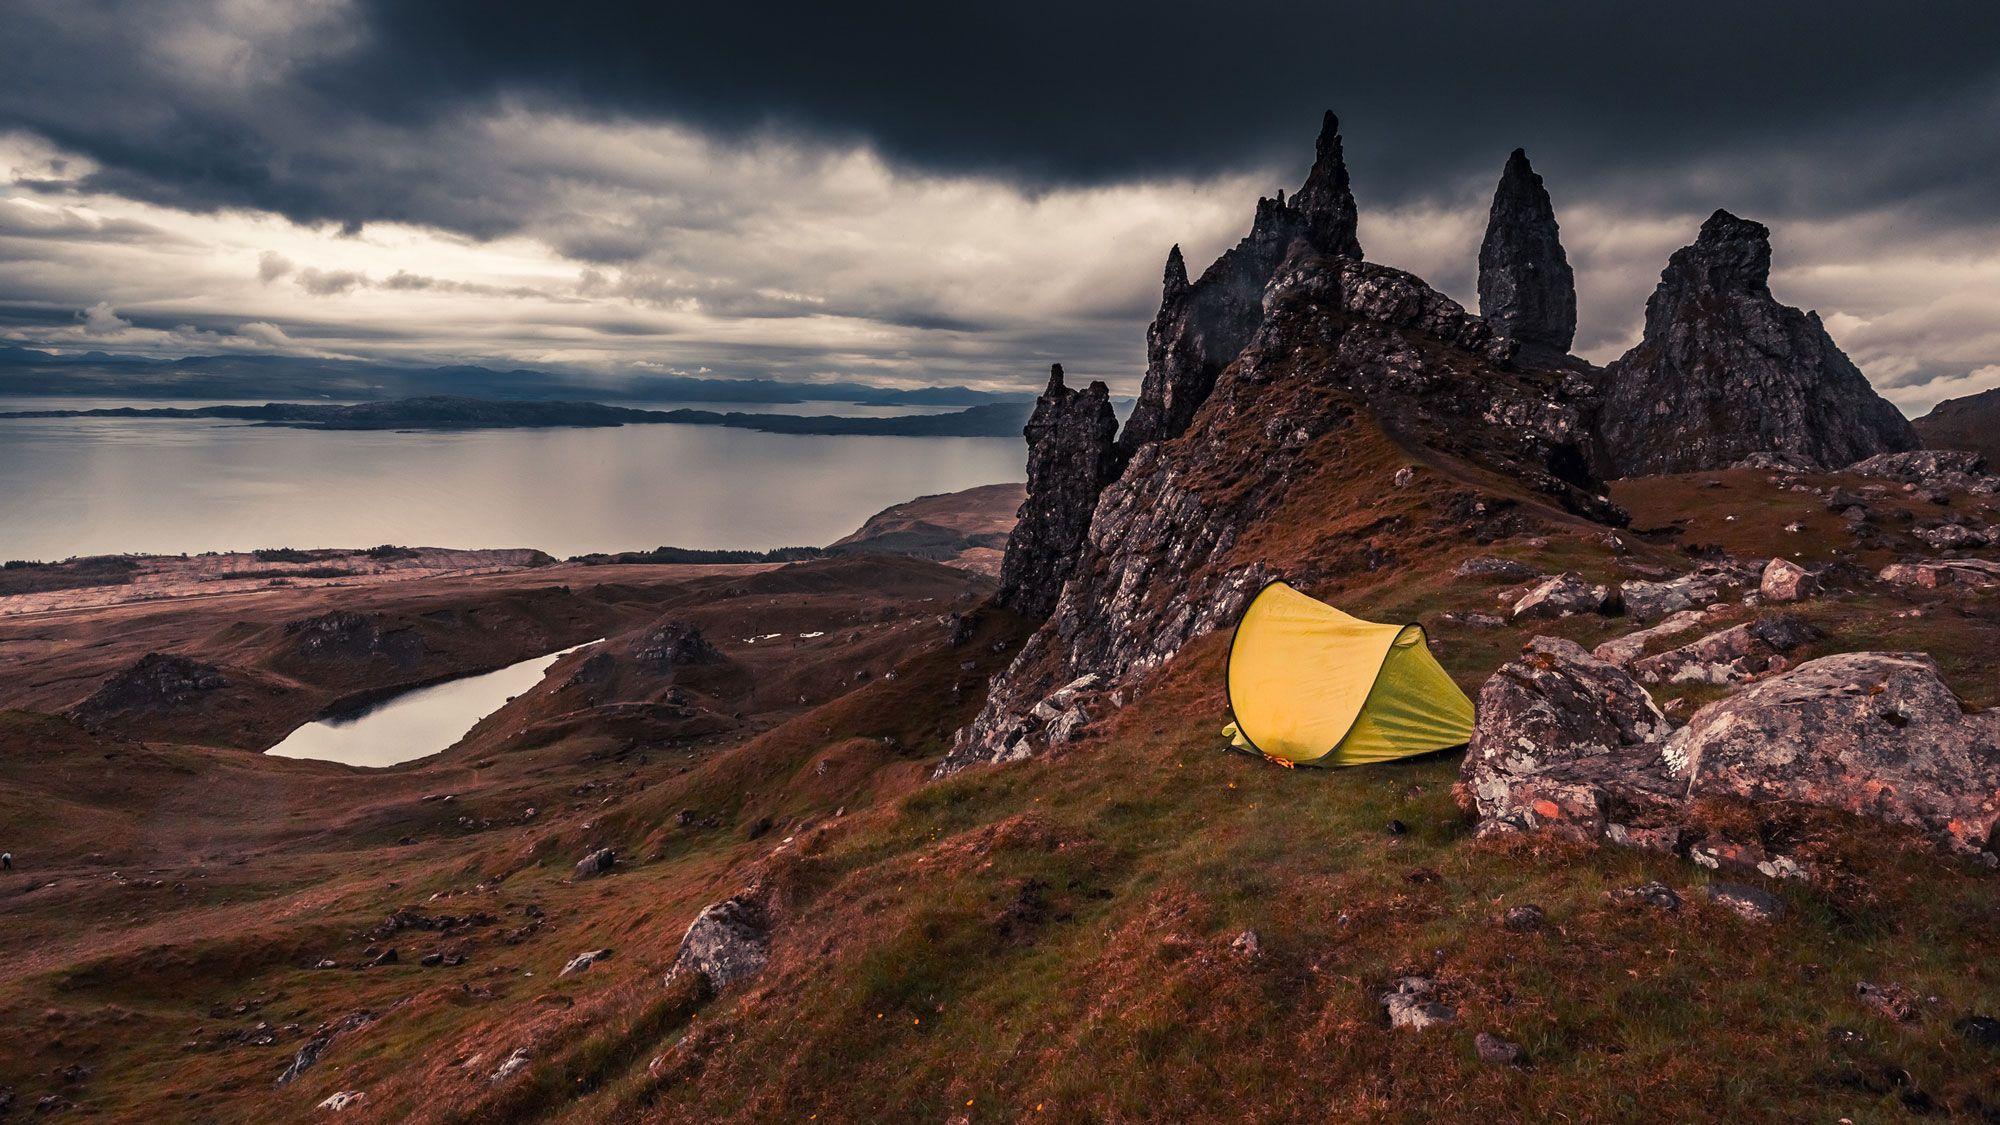 Mountain Man Camping Wallpapers - Top Free Mountain Man ...